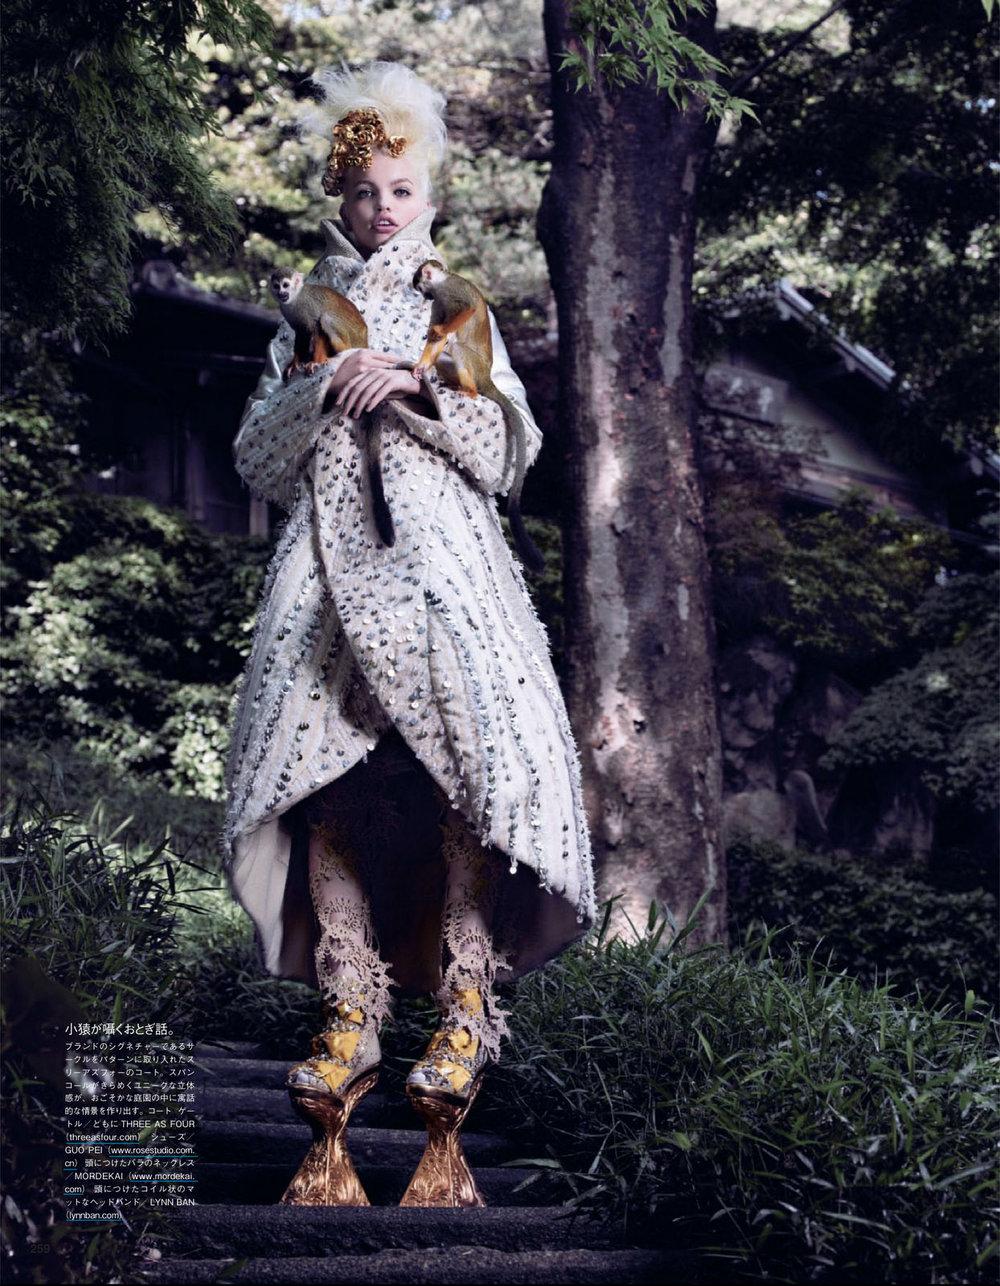 Giovanna-Battaglia-3-The-Secret-Chatter-of-Golden-Monkeys-Vogue-Japan-Mark-Segal.jpg